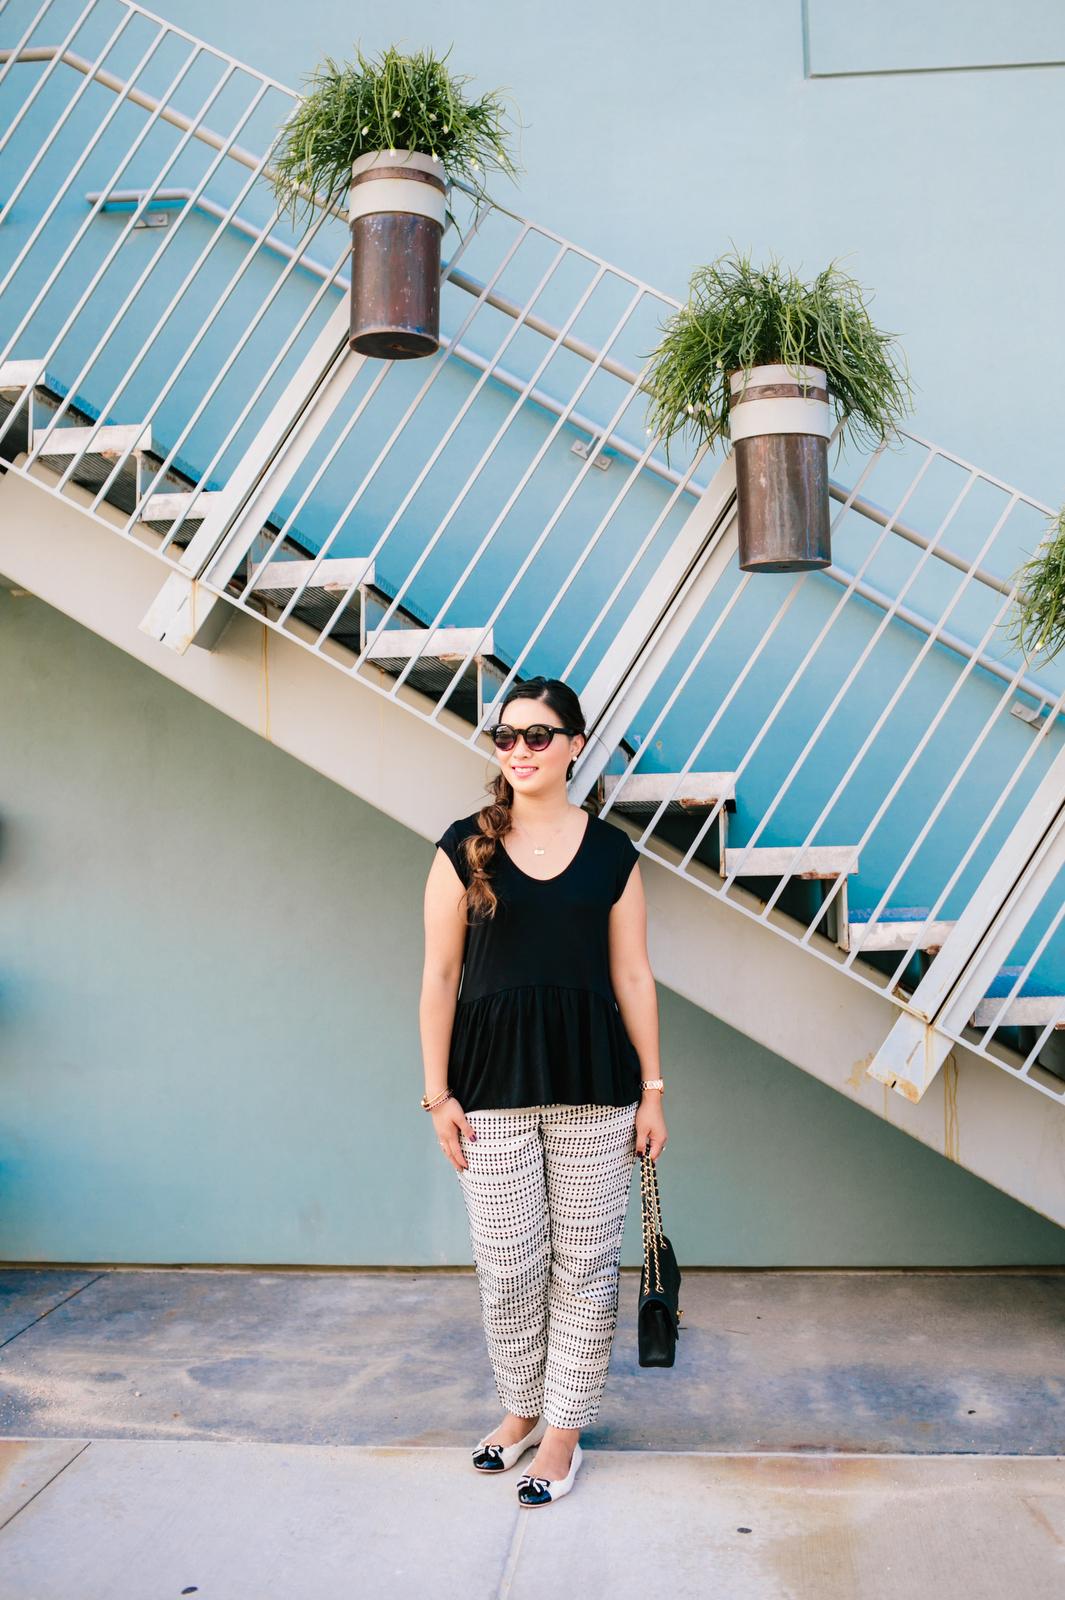 Utah fashion blogger wearing black and white